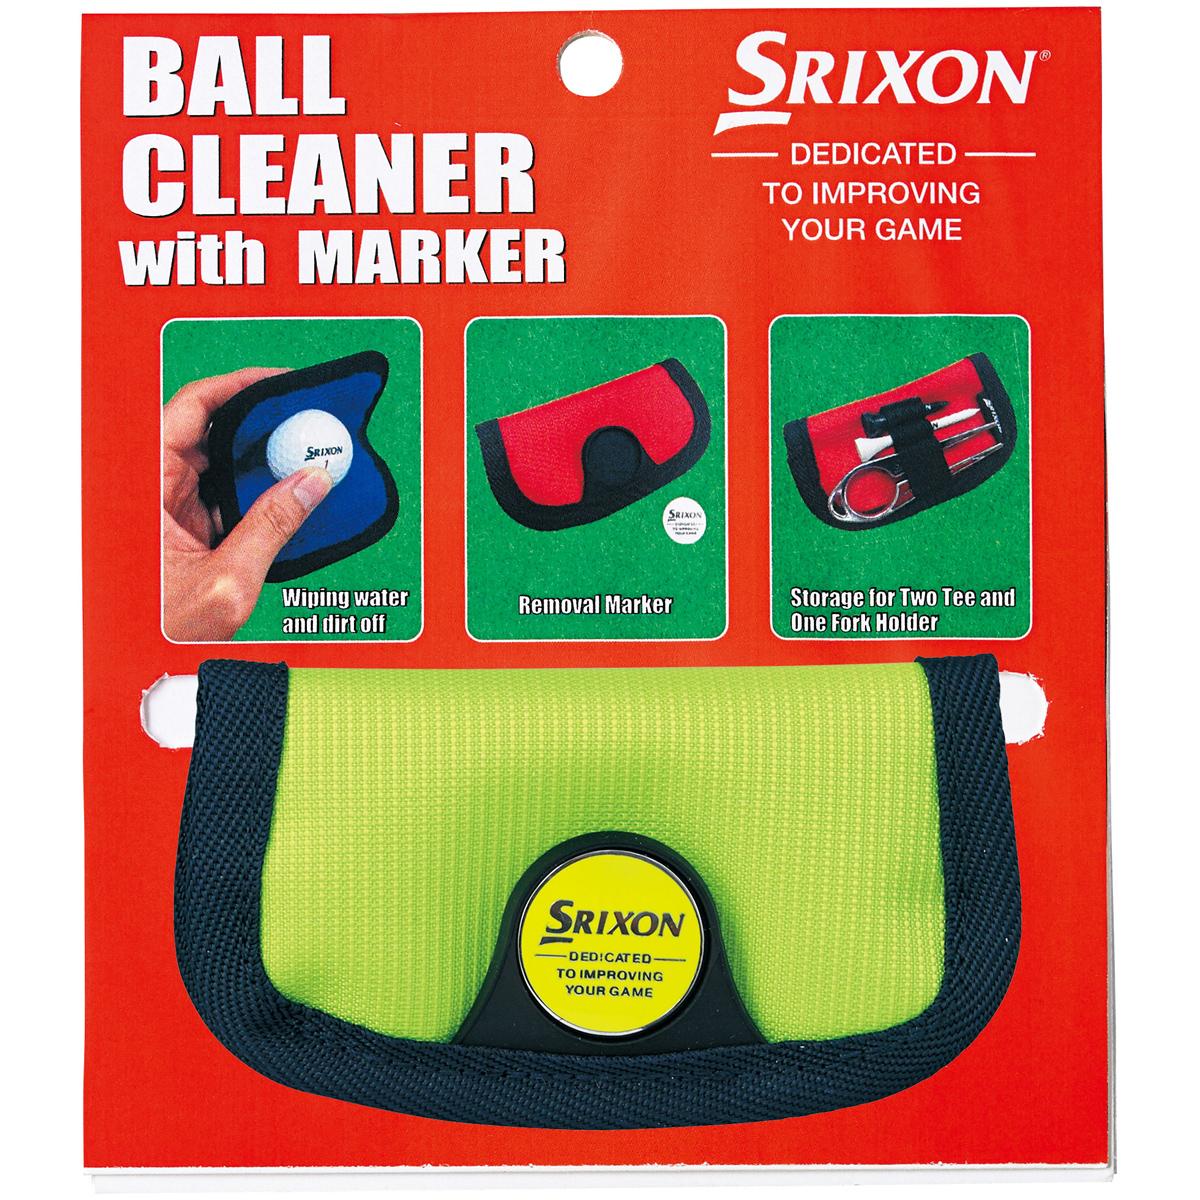 マーカー付き携帯ボールクリーナー